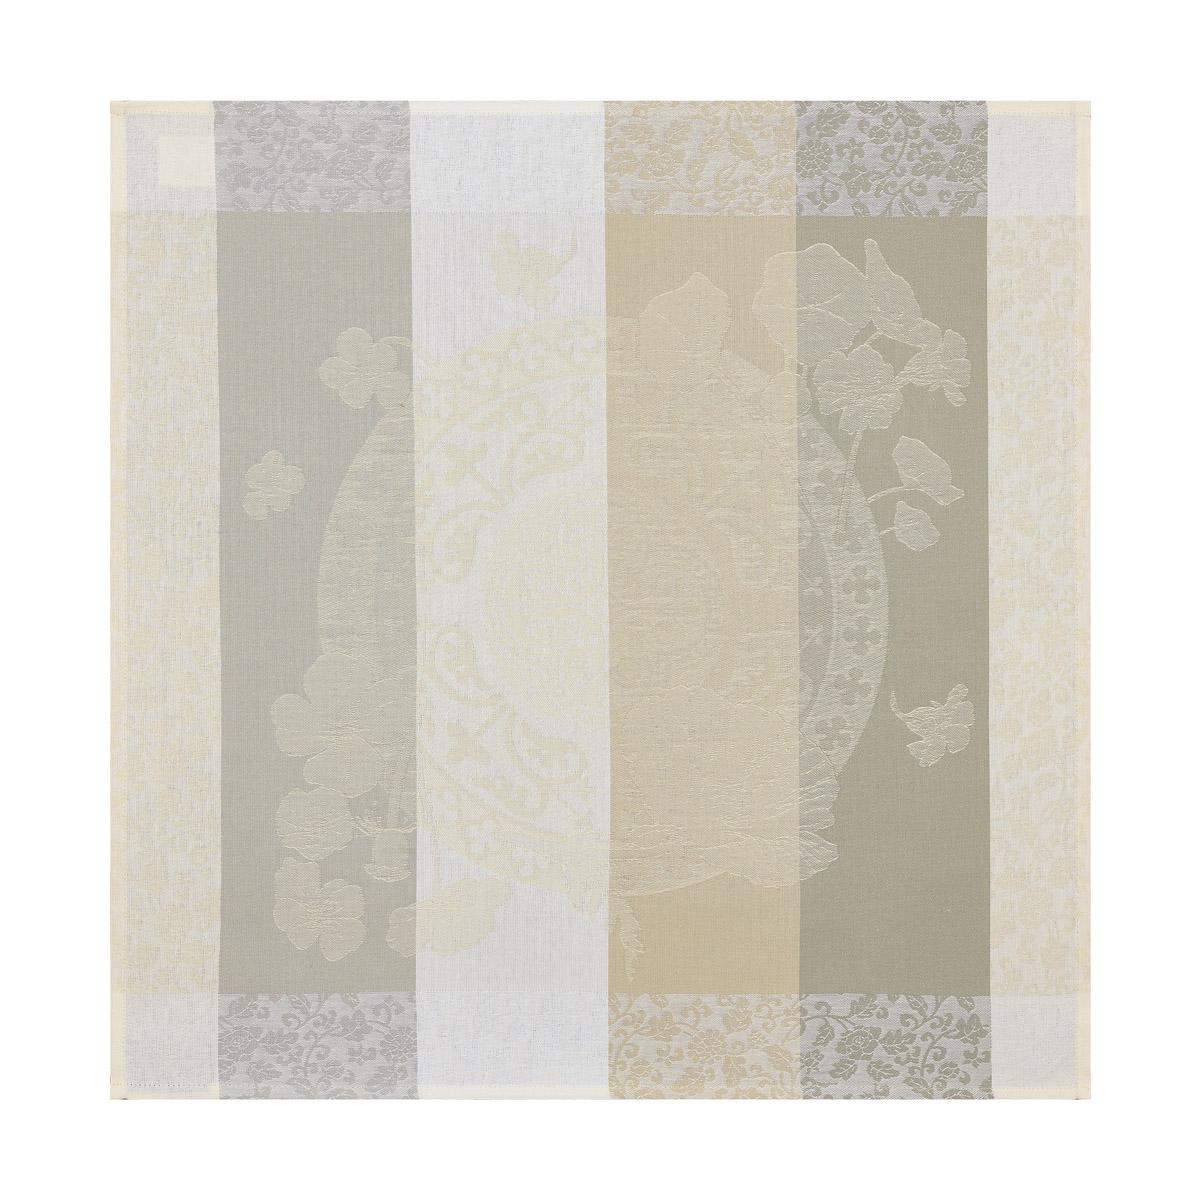 Serviette en coton craie 58 x 58